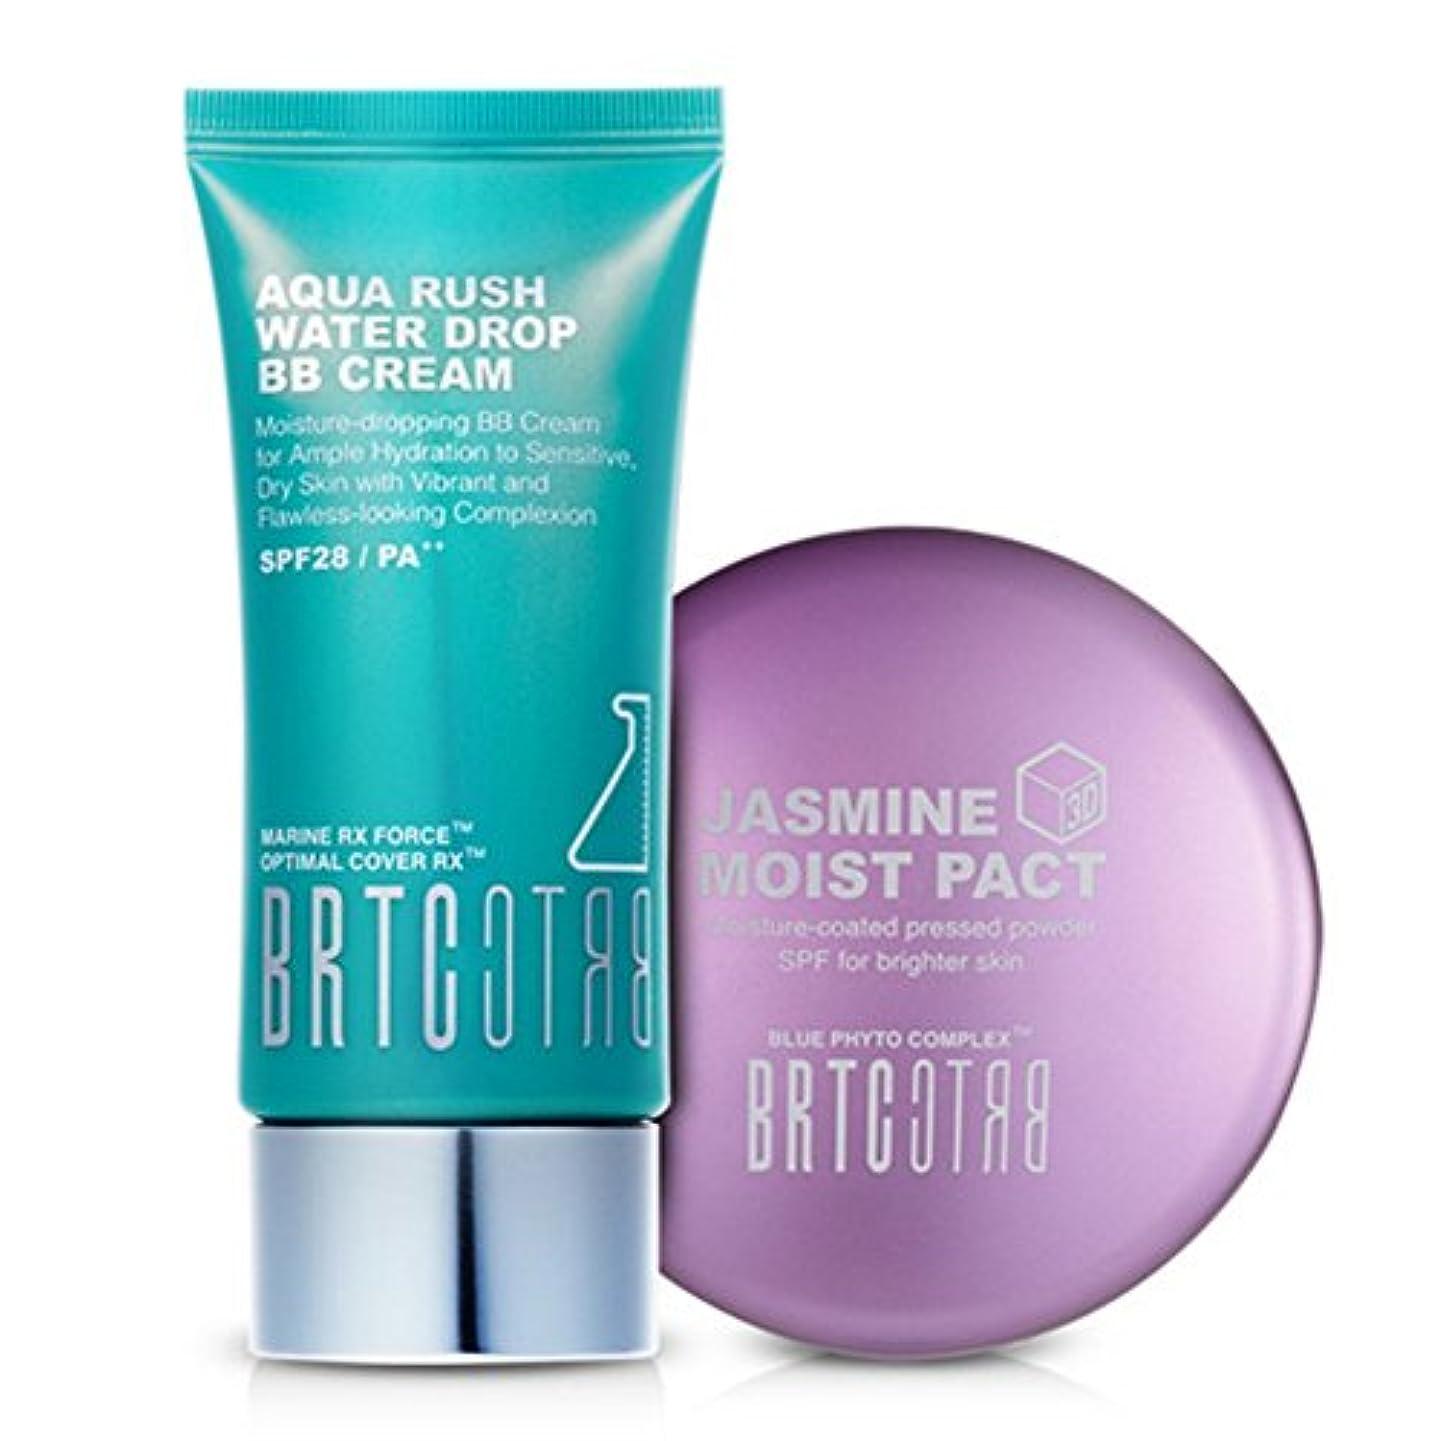 したがって科学者シンカン【BRTC/非アルティ時】Whitening&Moisture Make Up Set アクアラッシュビビ ファクト2種set [BB Cream+ Moist Pact Set](海外直送品)